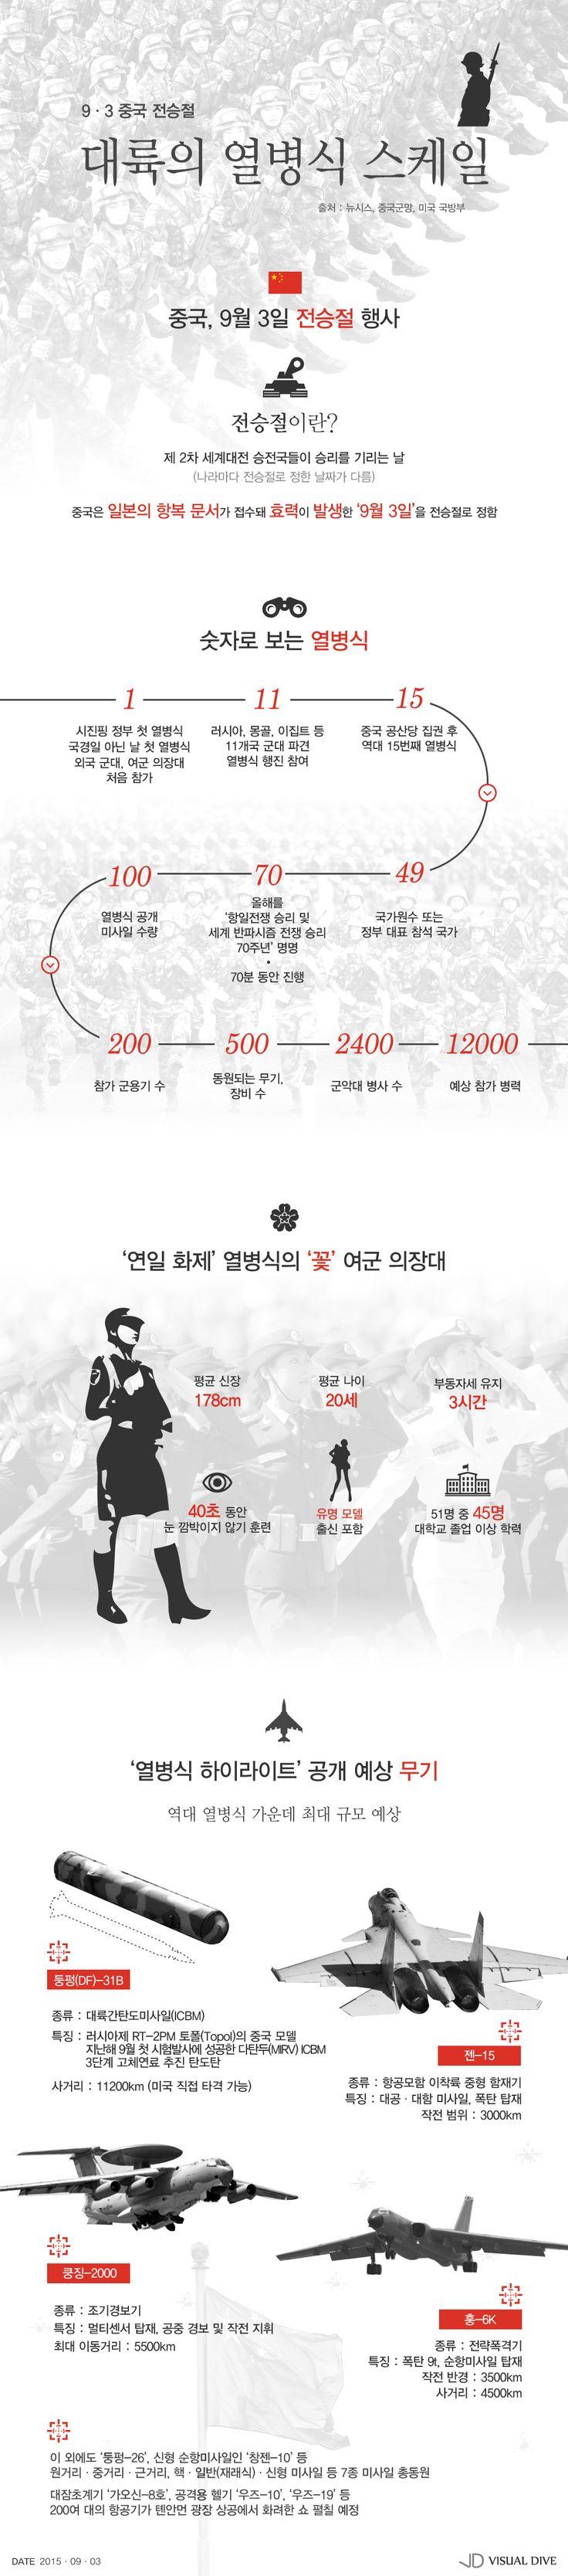 역대 최대 규모 '中 전승절 열병식' 관전포인트는? [인포그래픽] #China / #Infographic ⓒ 비주얼다이브 무단 복사·전재·재배포 금지